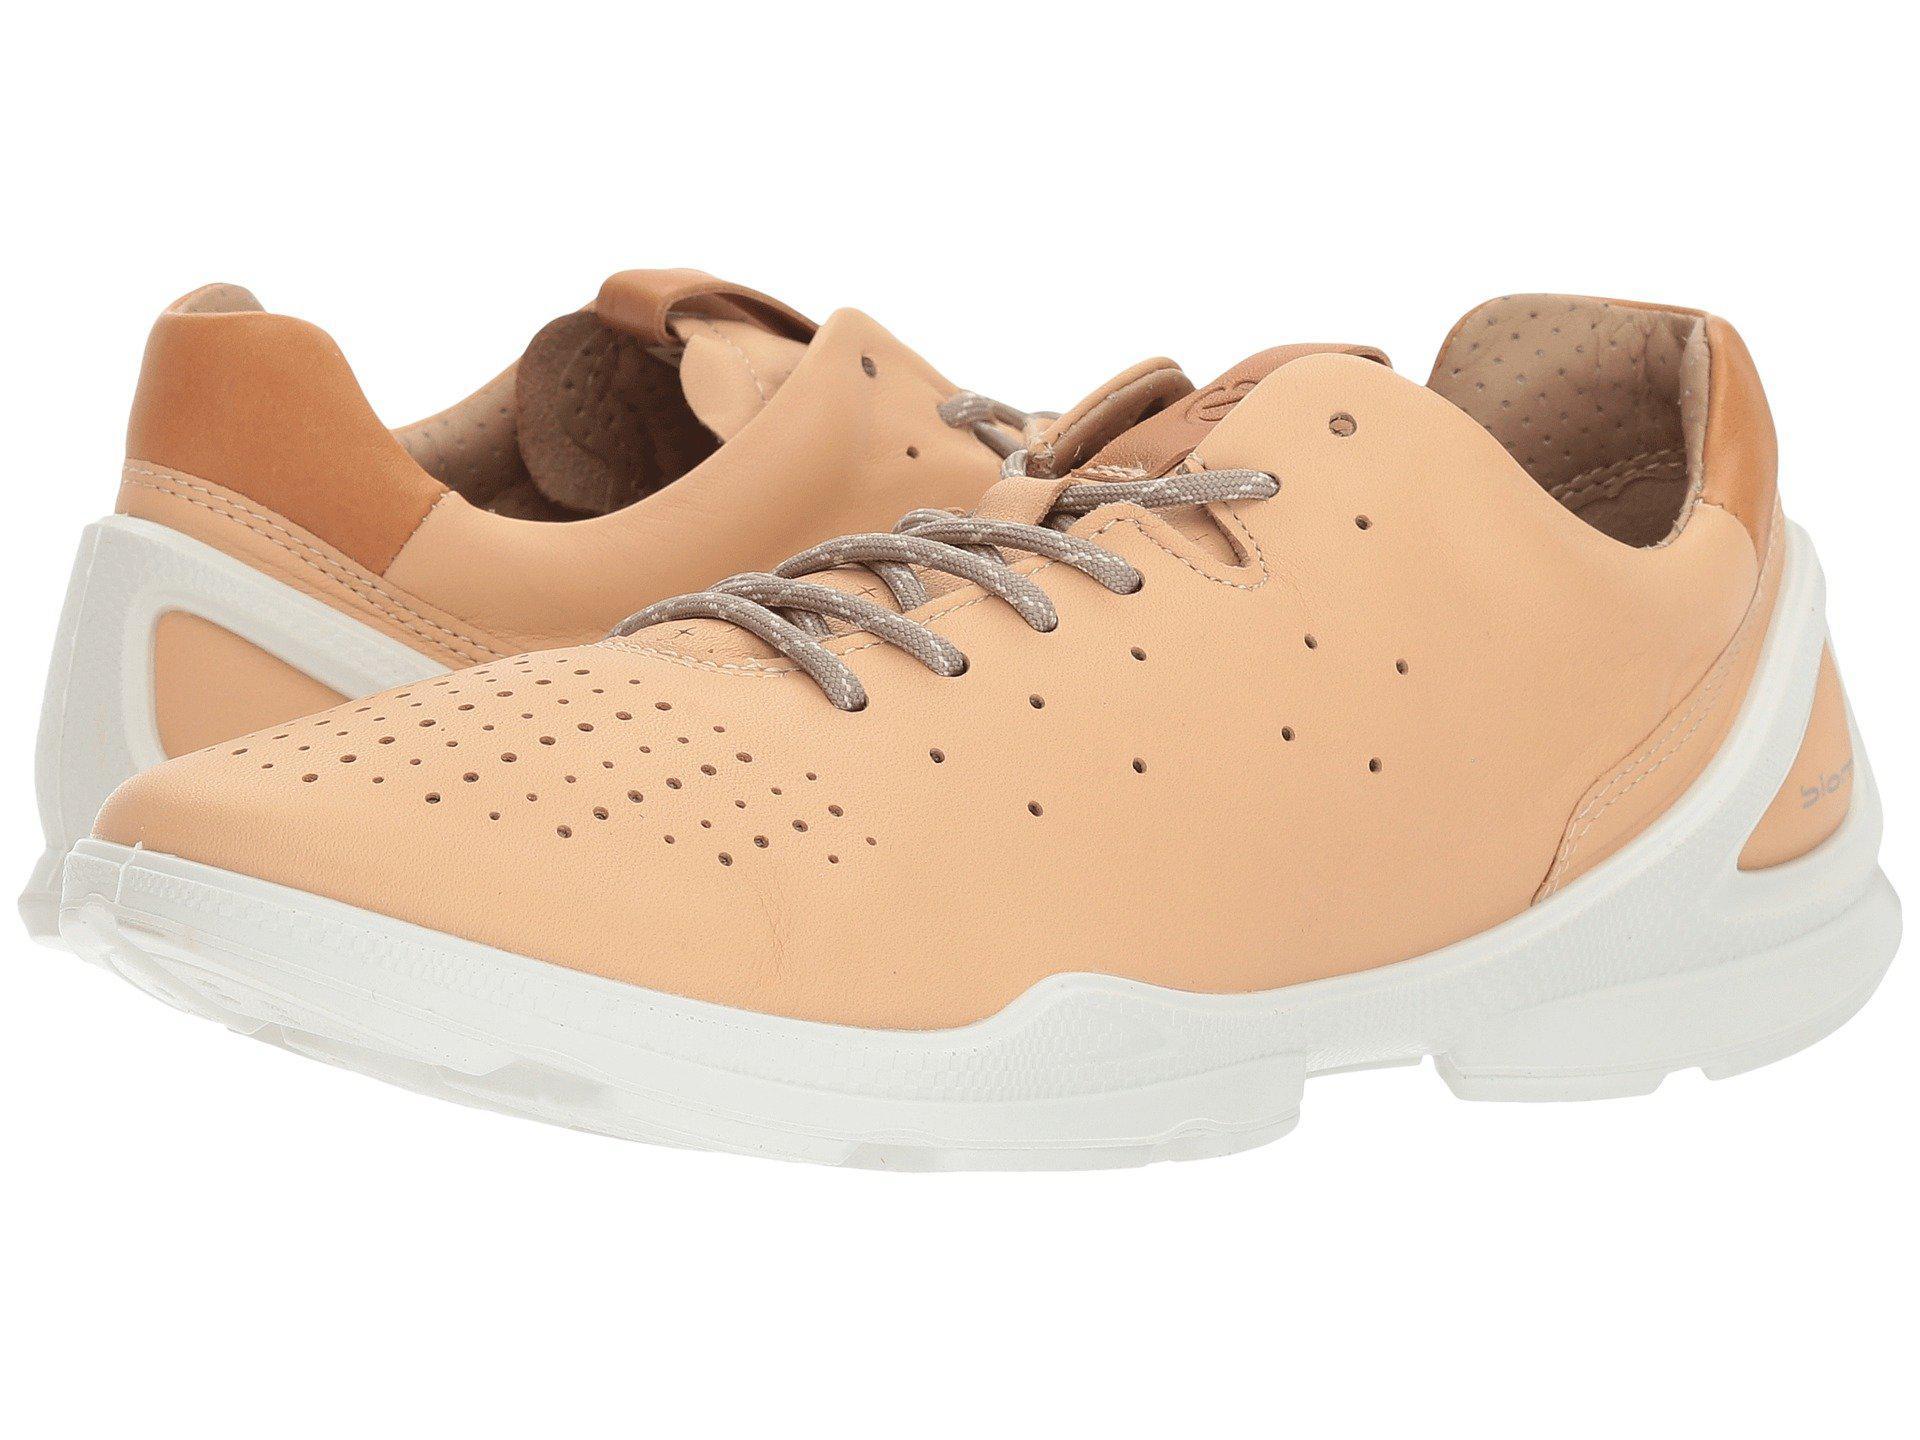 10df8c369583da Lyst - Ecco Biom Street Sneaker